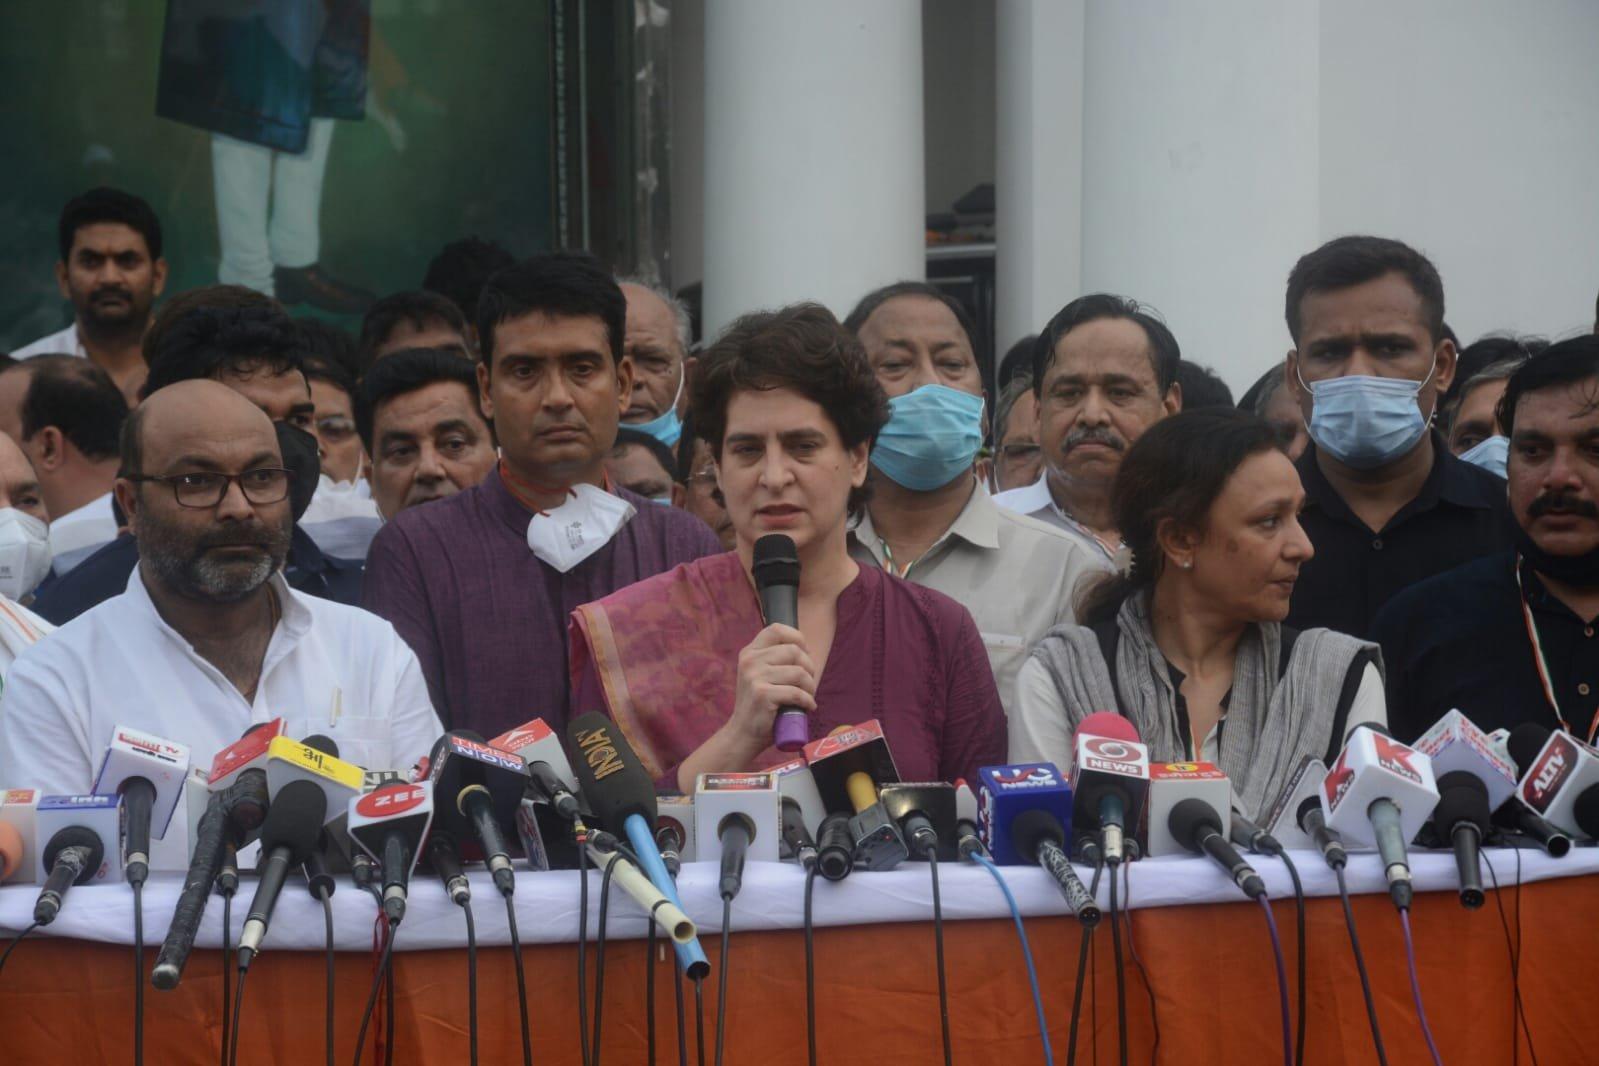 योगी आदित्यनाथ पर प्रियंका गांधी का बड़ा हमला, कहा- संविधान नष्ट, लोकतंत्र का चीरहरण और…